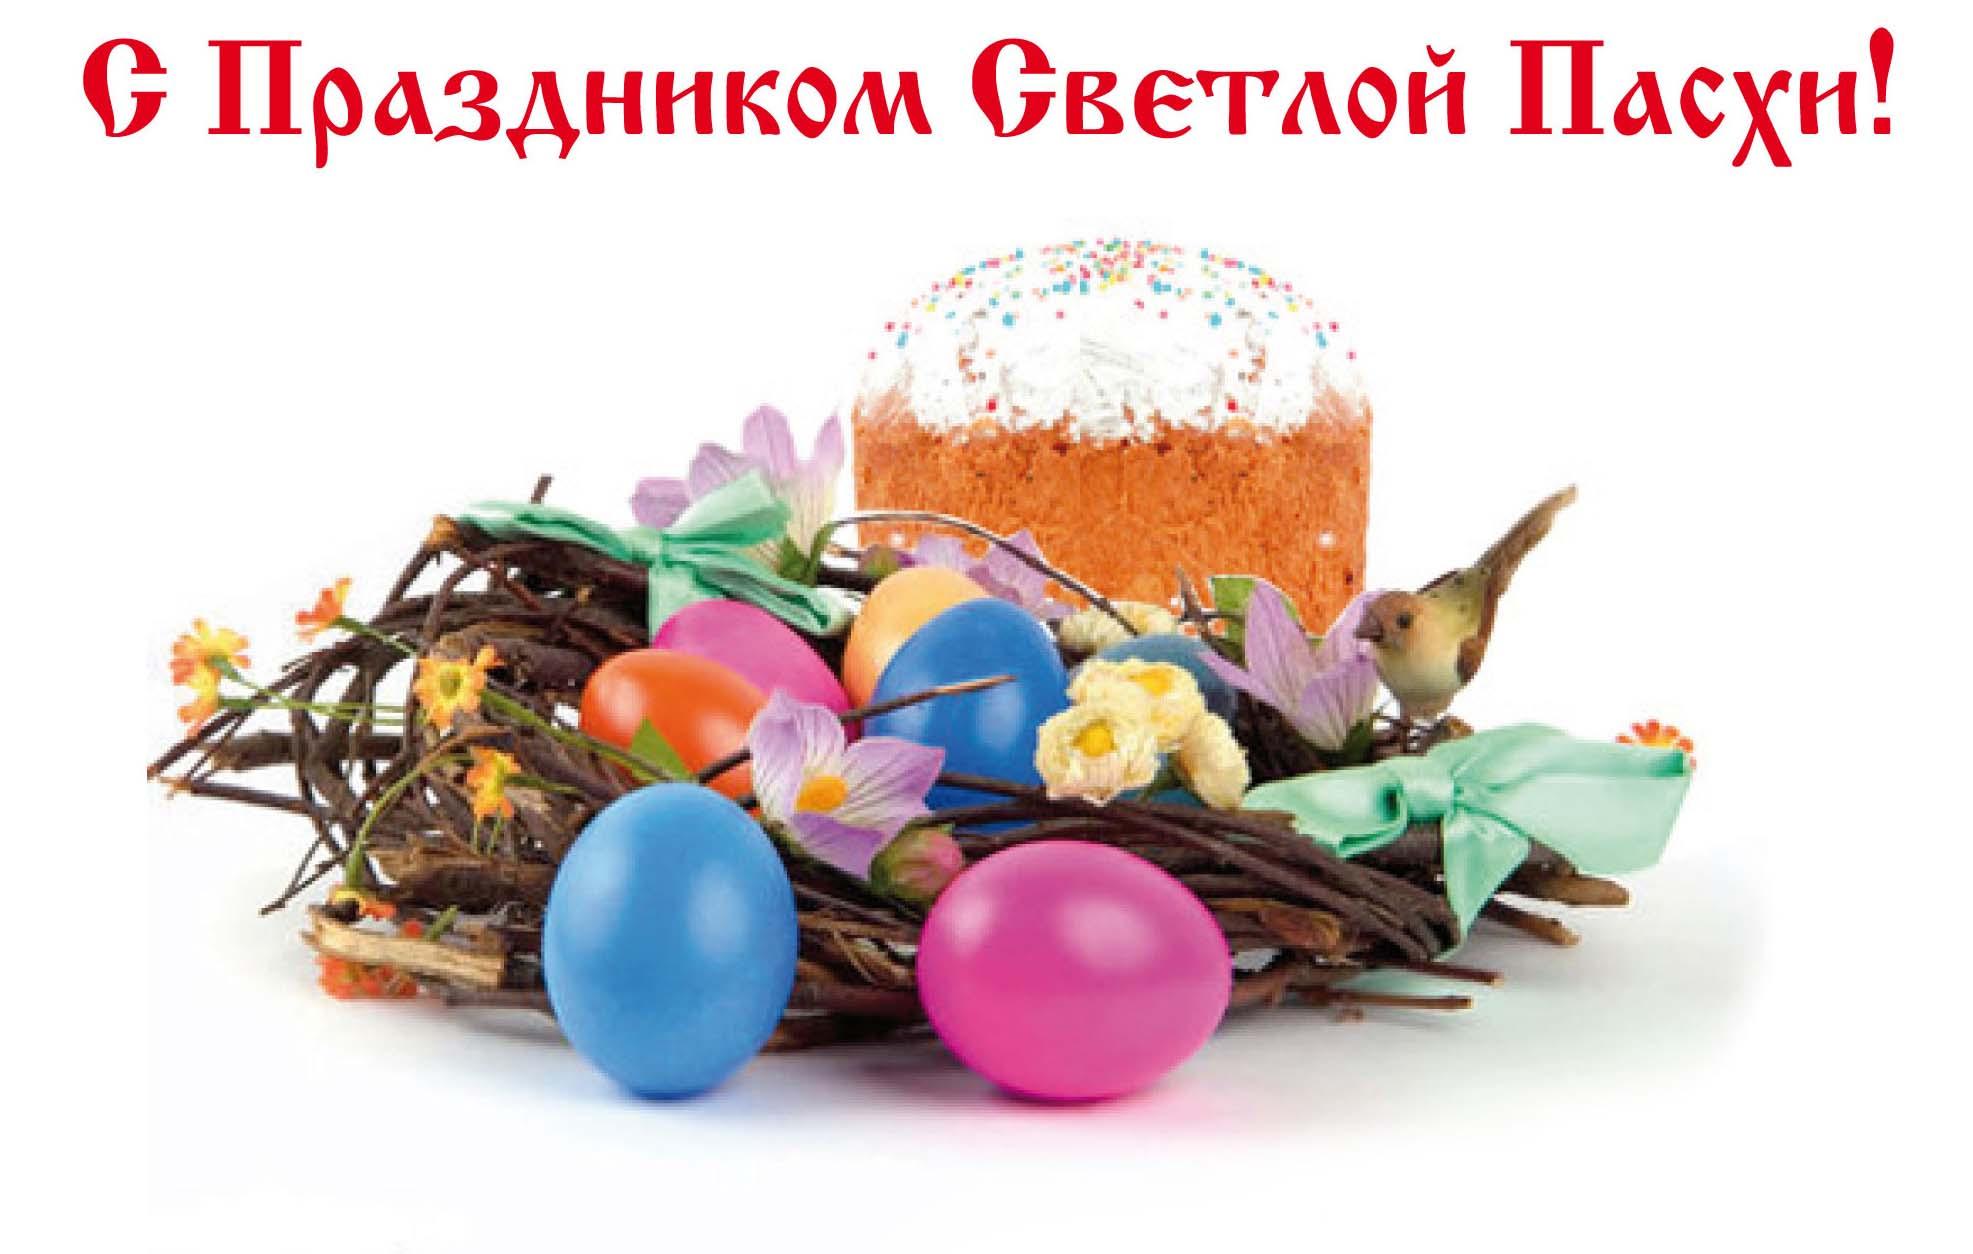 Открытки с праздником пасхи святой